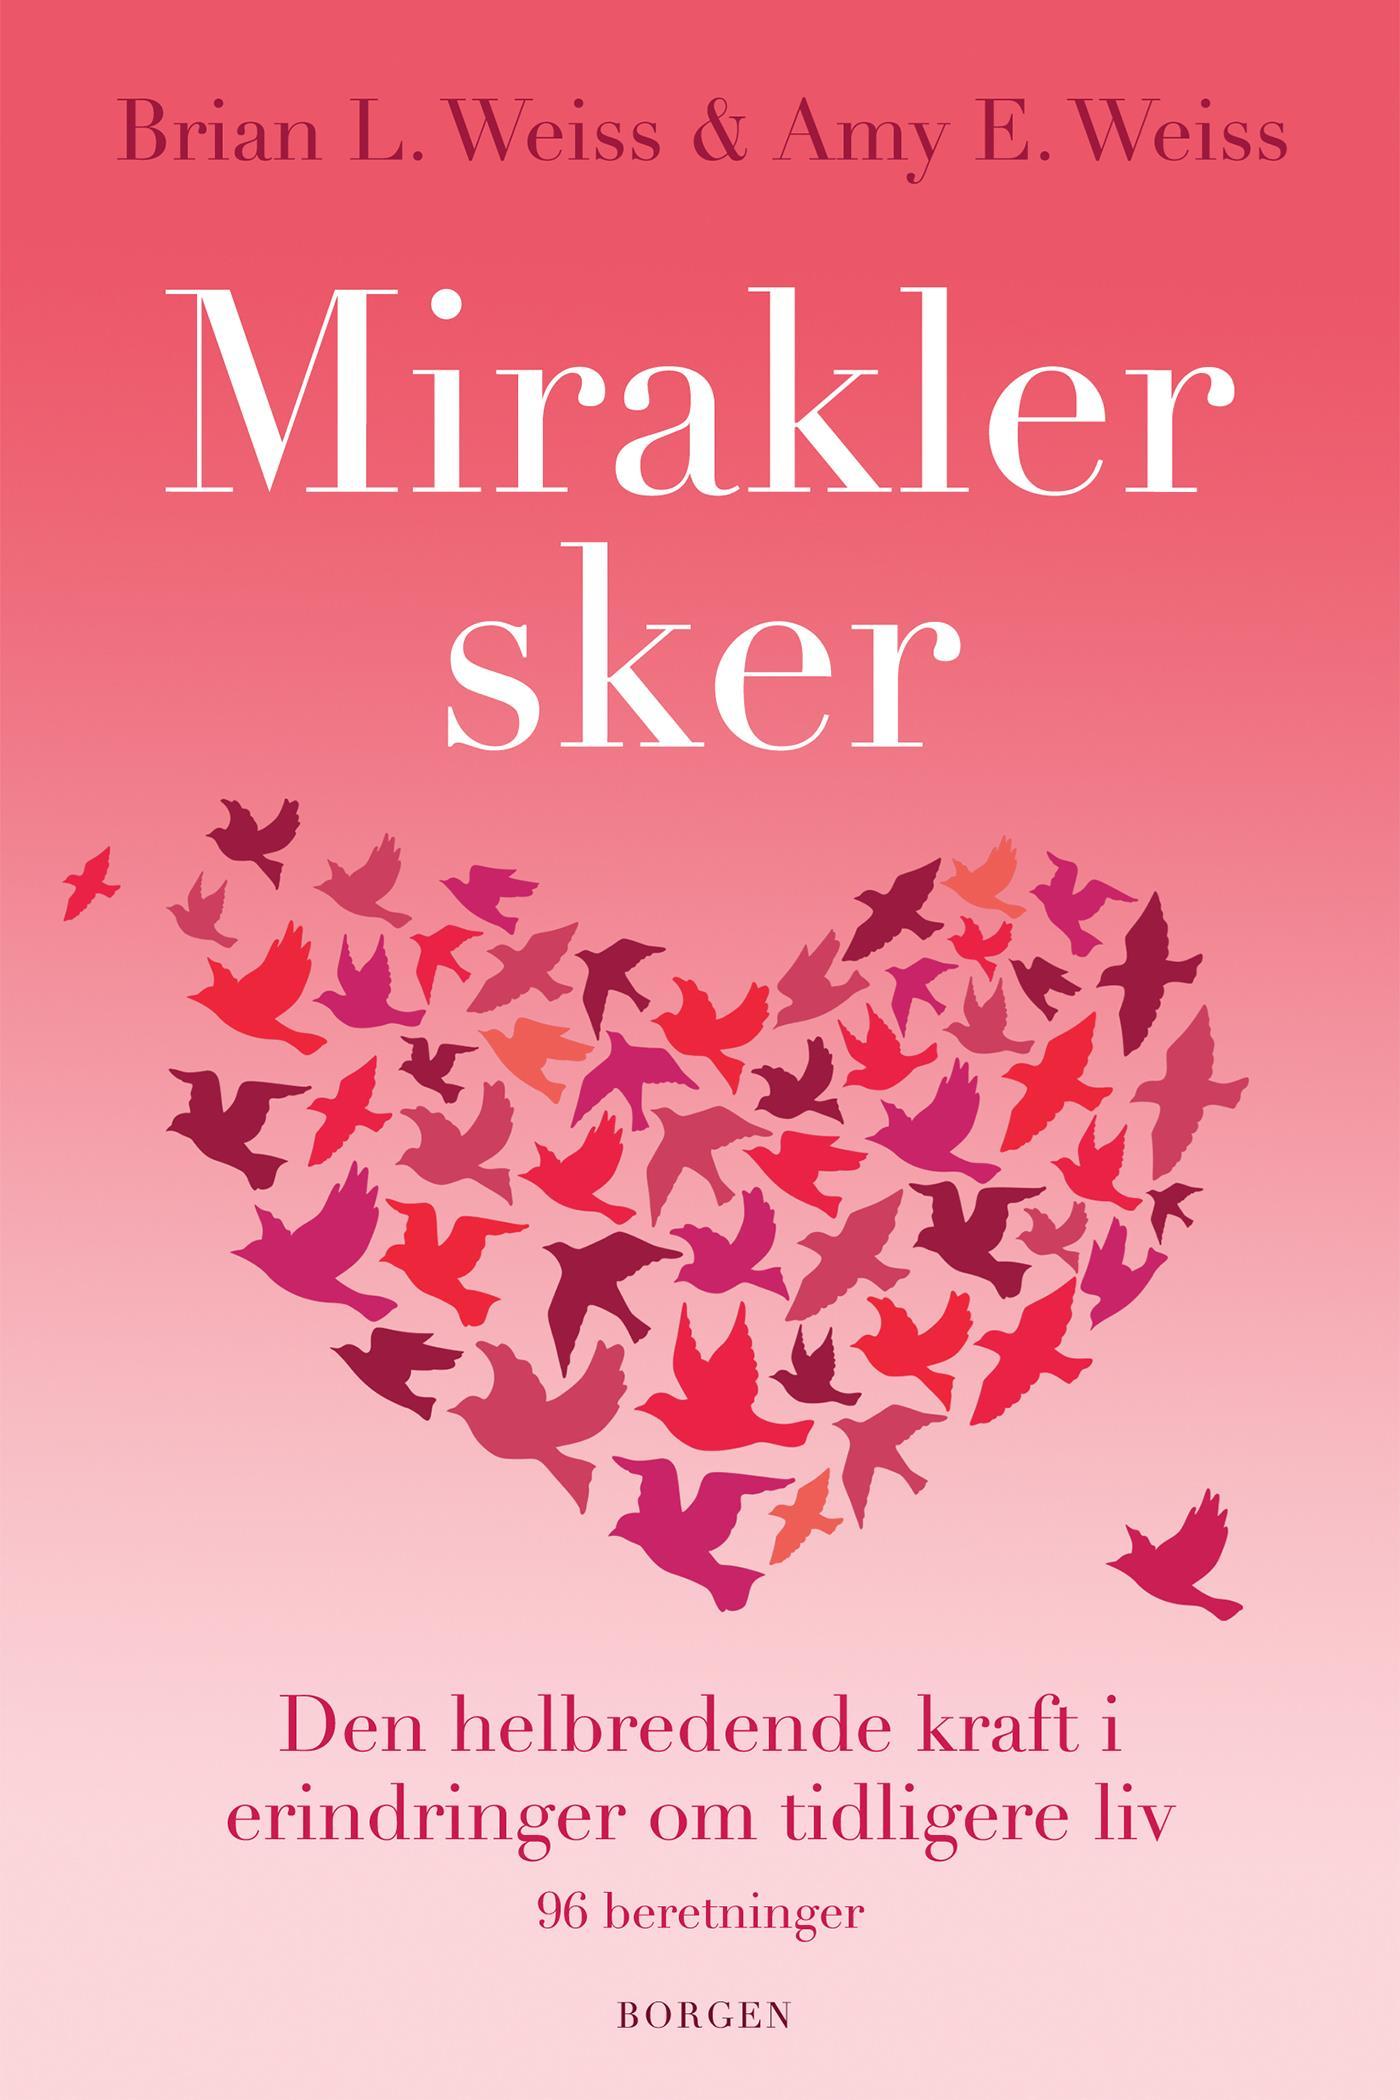 Mirakler sker - e-bog fra N/A fra bog & mystik